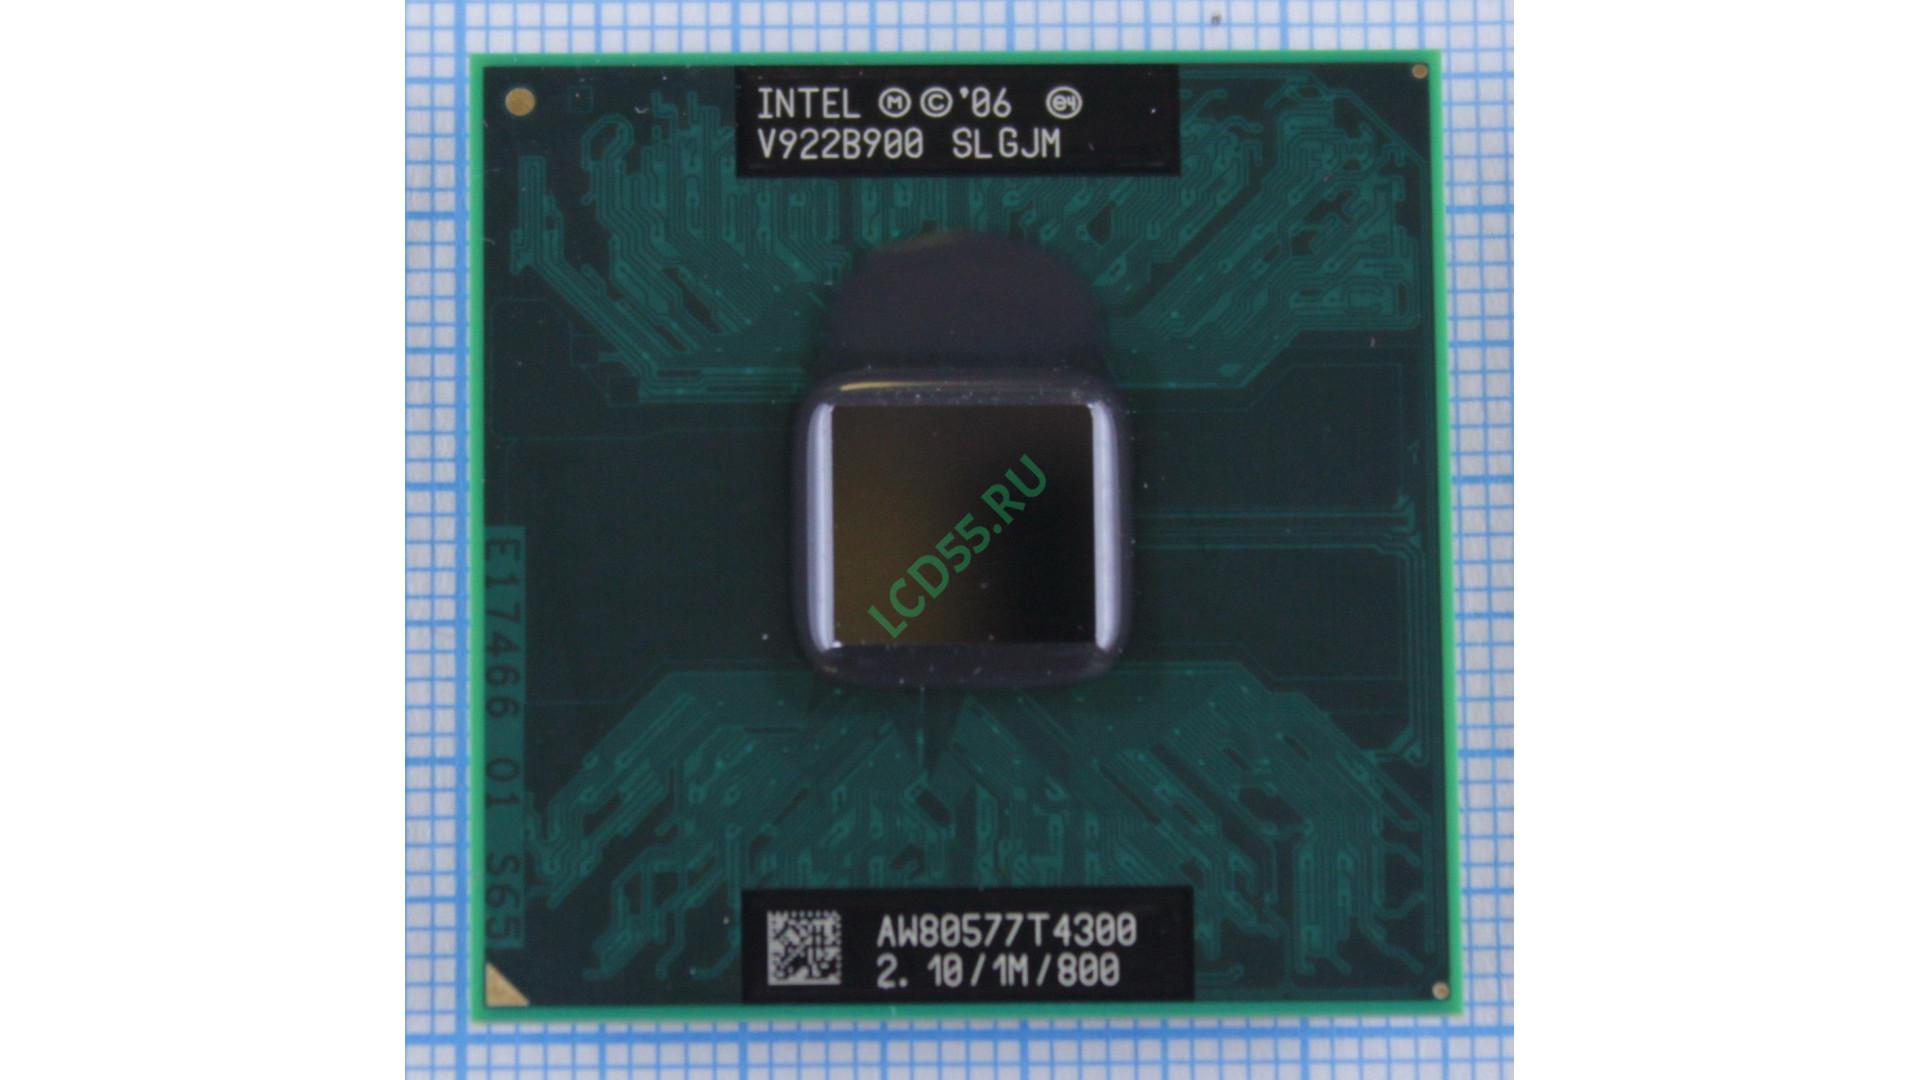 Intel Pentium Dual Core T4300 (SLGJM) 1M Cache, 2.10 GHz, 800